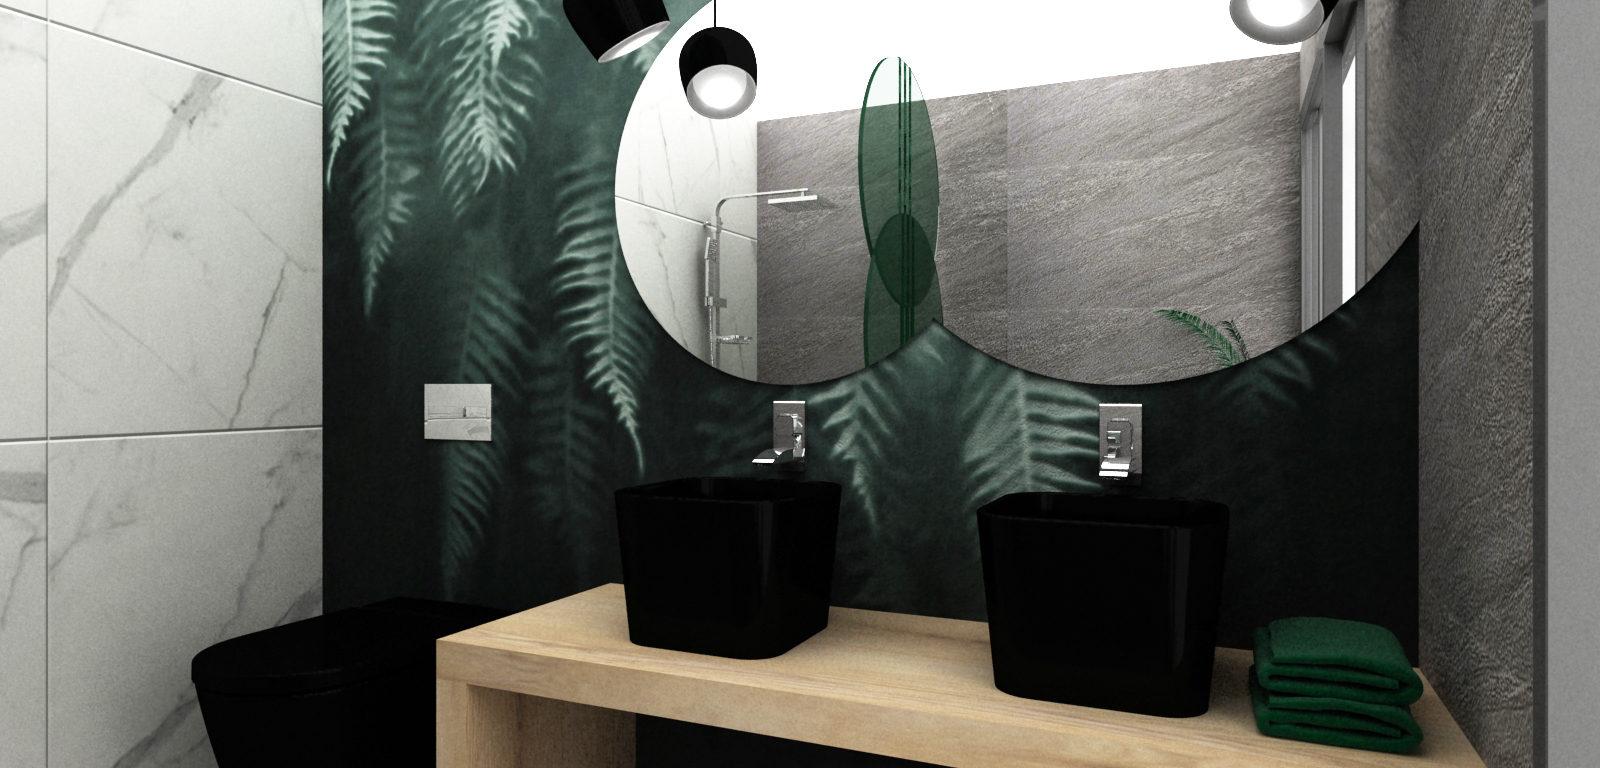 Aranżacja salonu kąpielowego z tapetą z motywami roślinnymi, czarną aramaturą sanitaną i lampami